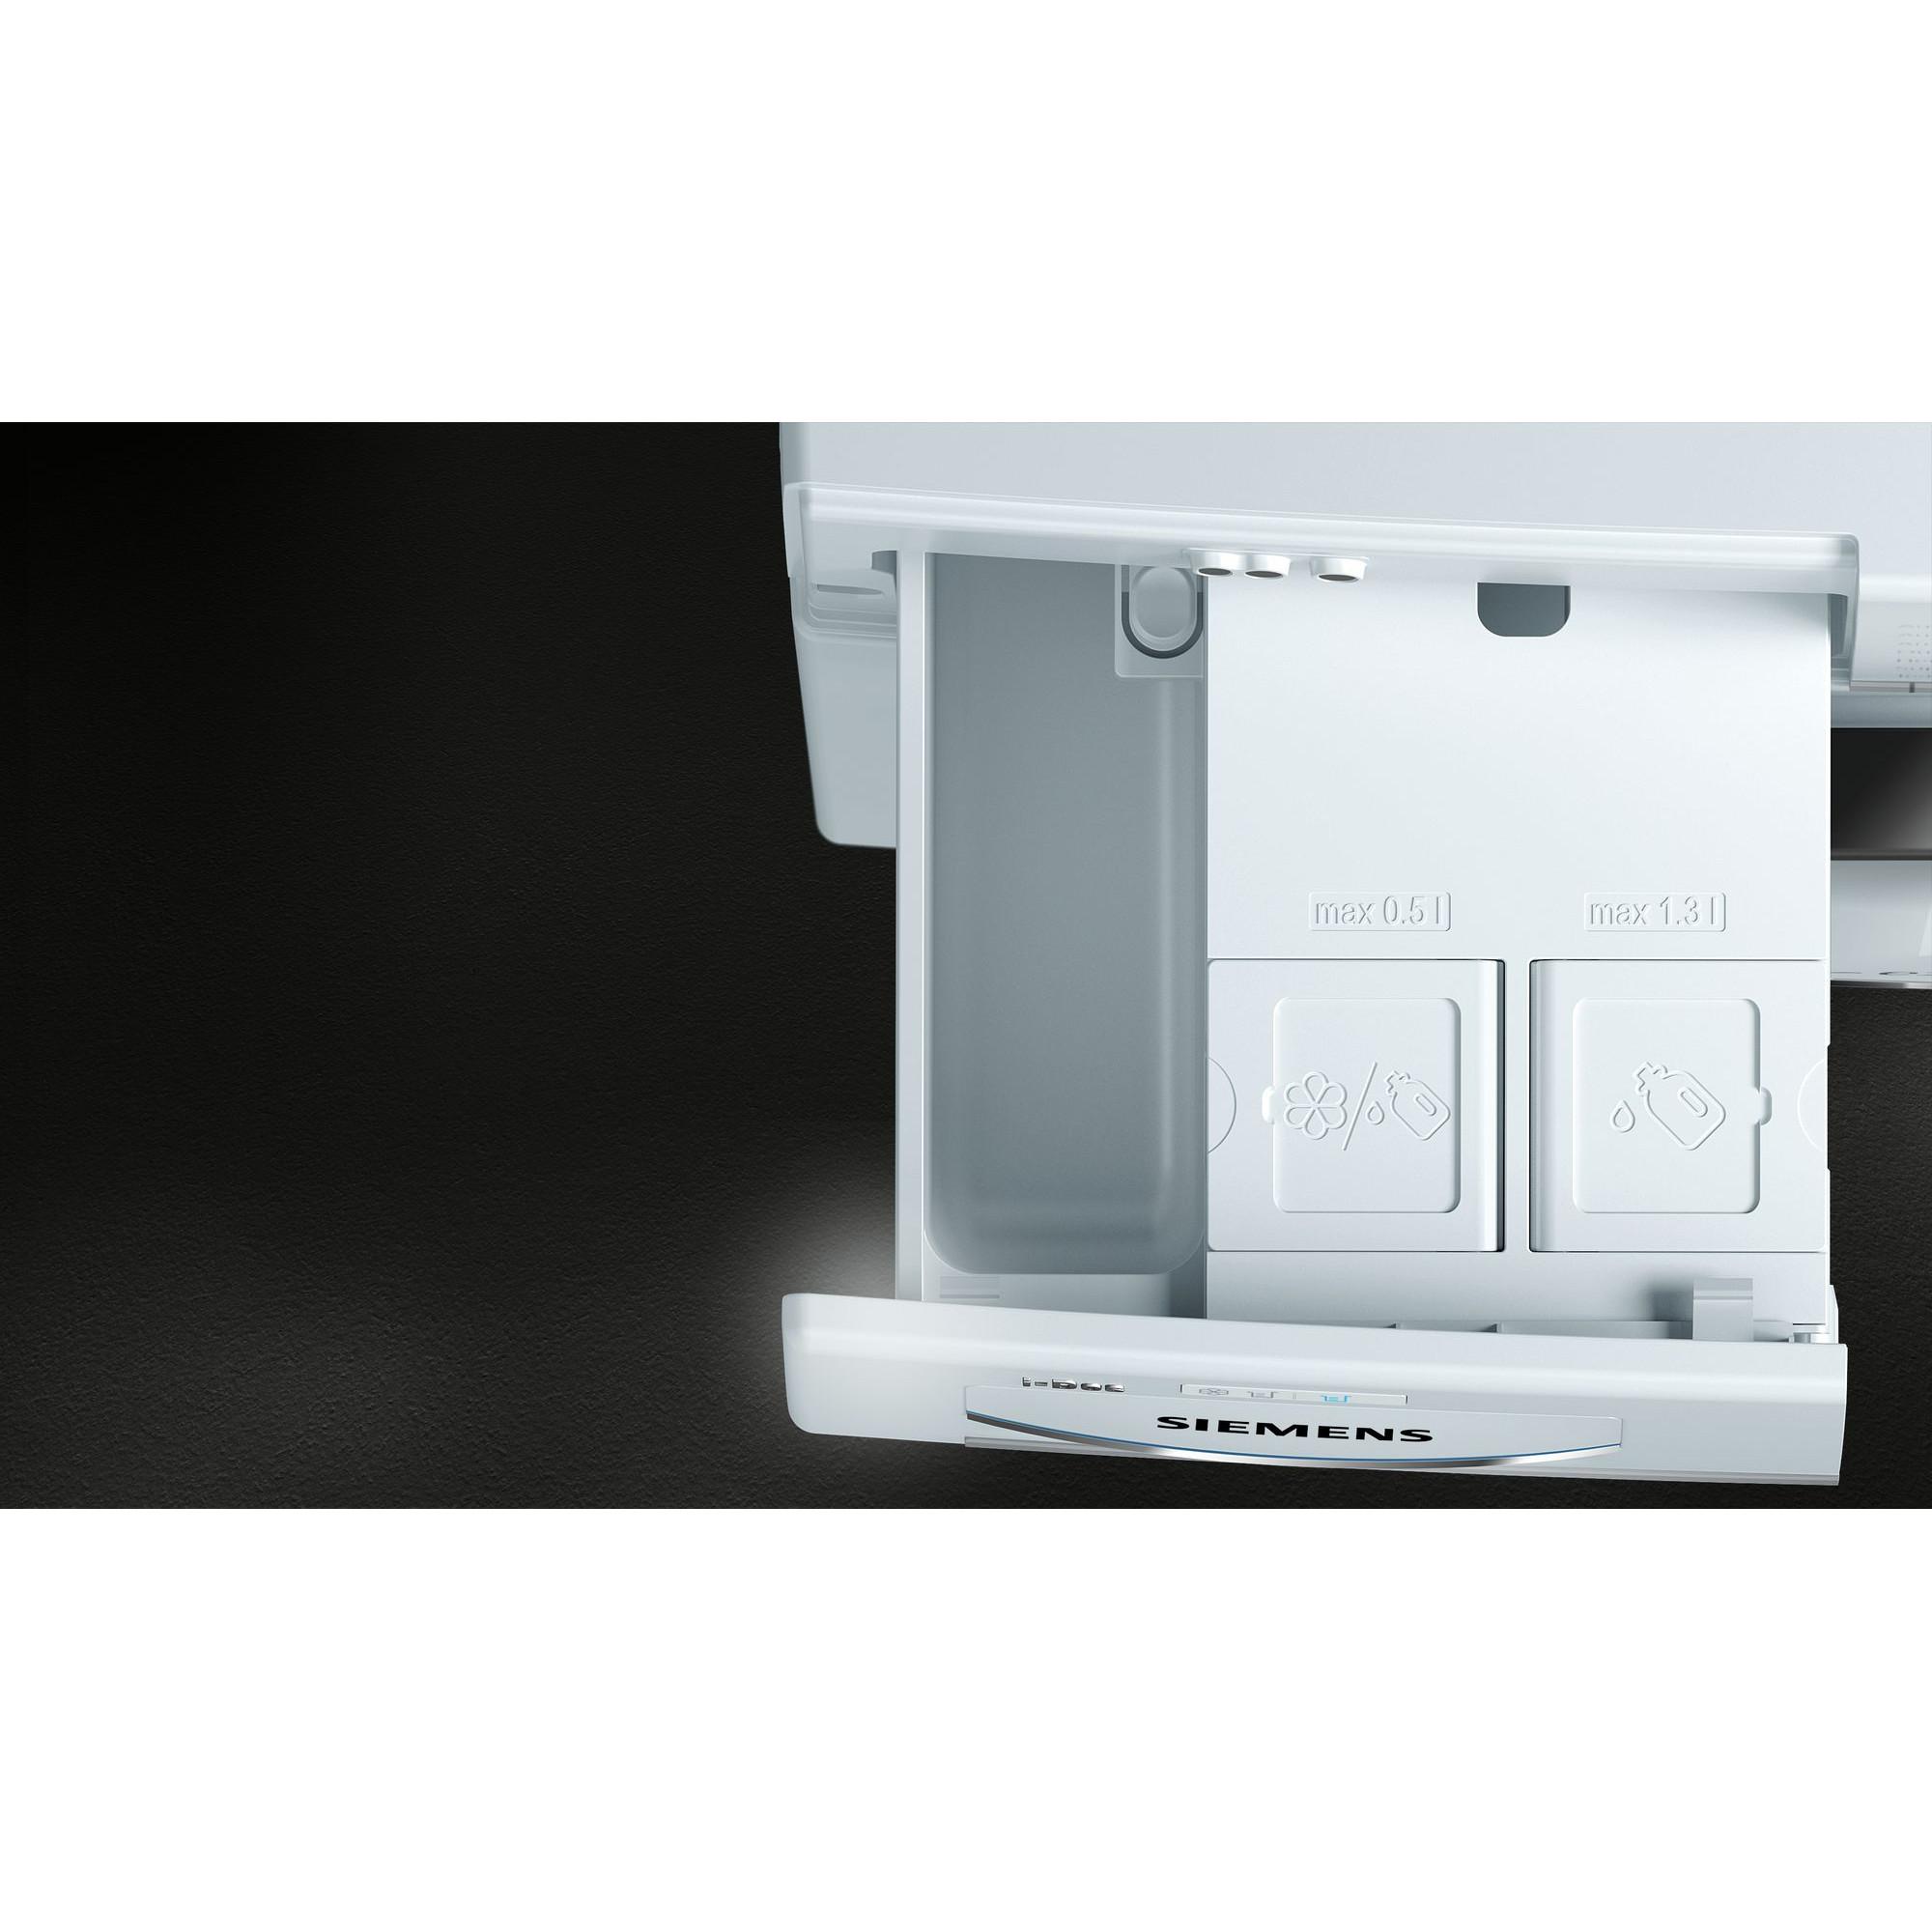 mcsa01954301 idos wm6yh890 iq800 def godehvidevarer. Black Bedroom Furniture Sets. Home Design Ideas